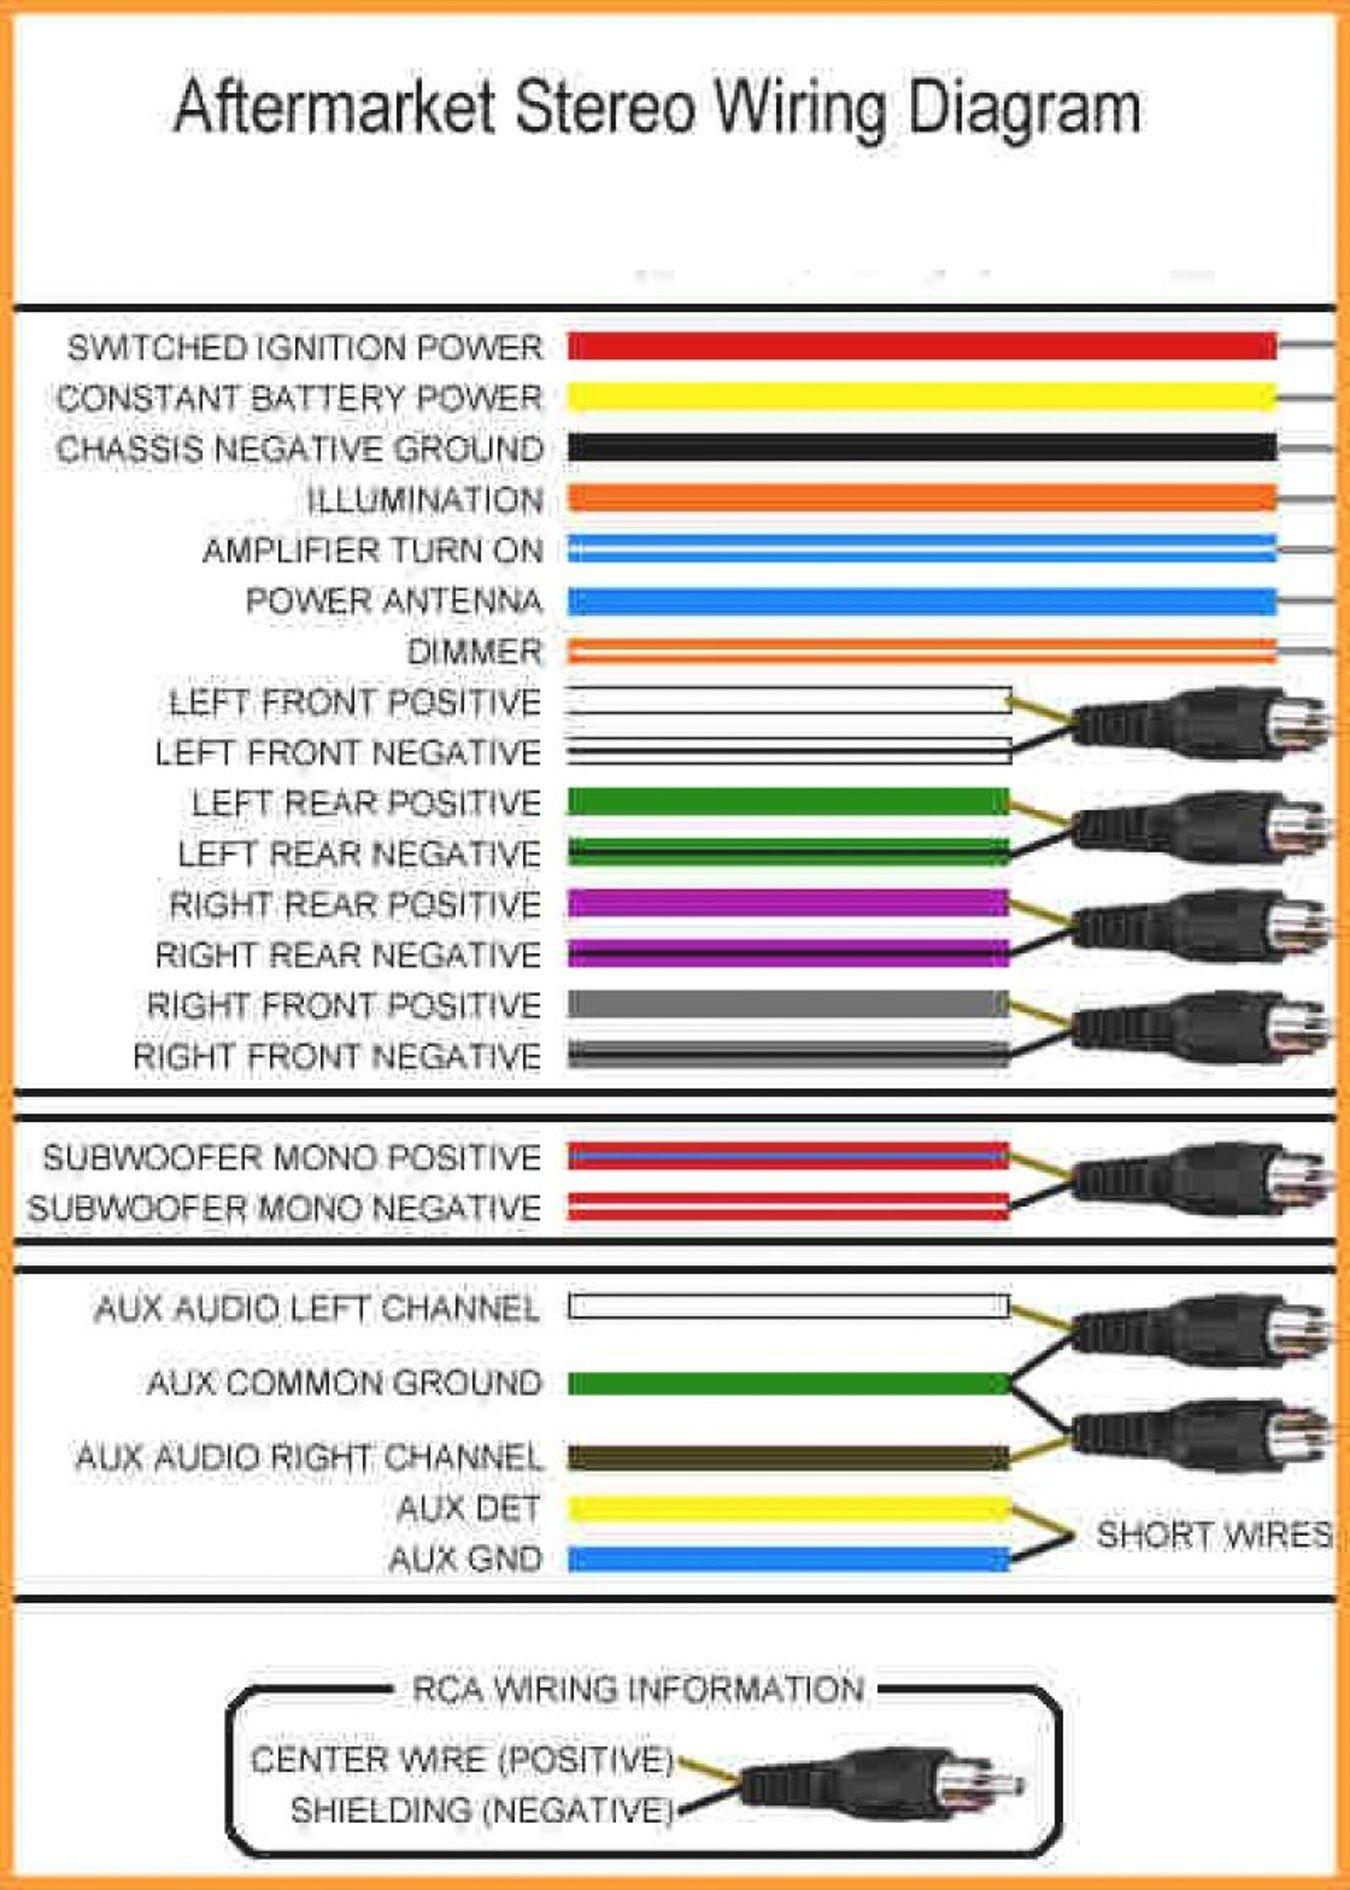 New Car Wiring Diagram Explained Diagram Diagramtemplate Diagramsample Autorradio Electricidad Y Electronica Mitsubishi Diamante